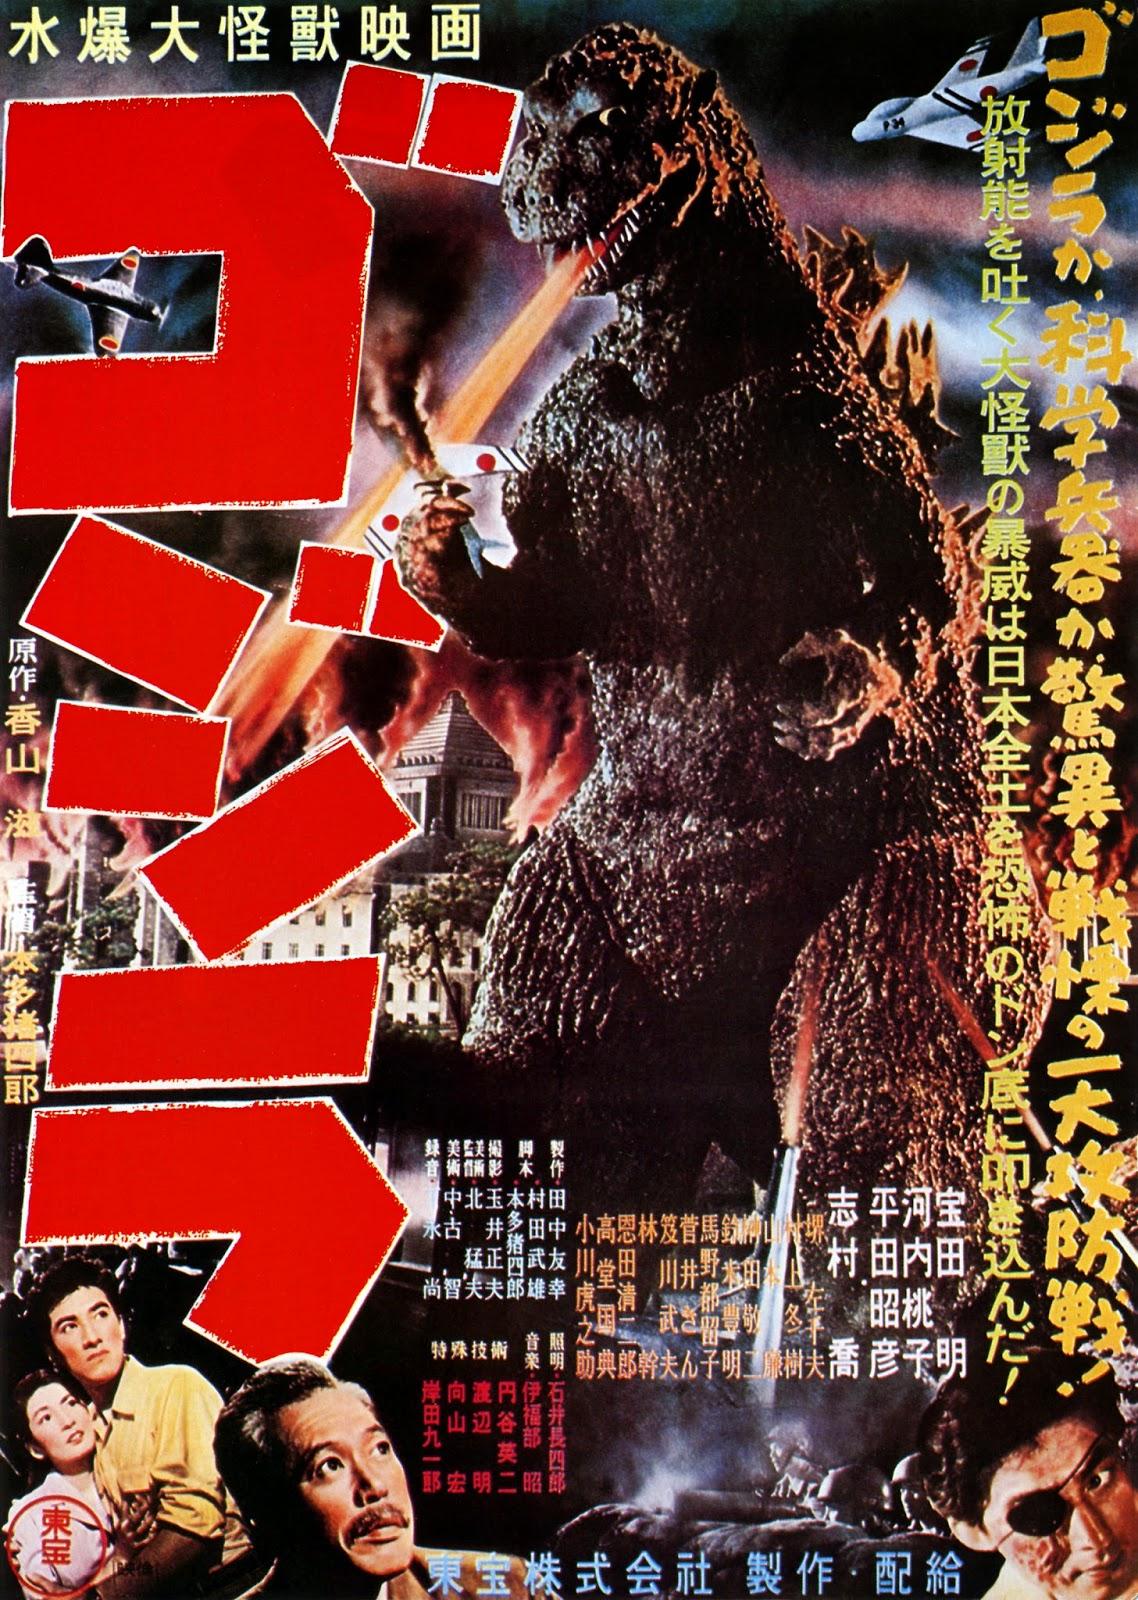 http://www.ofdb.de/film/3267,Godzilla